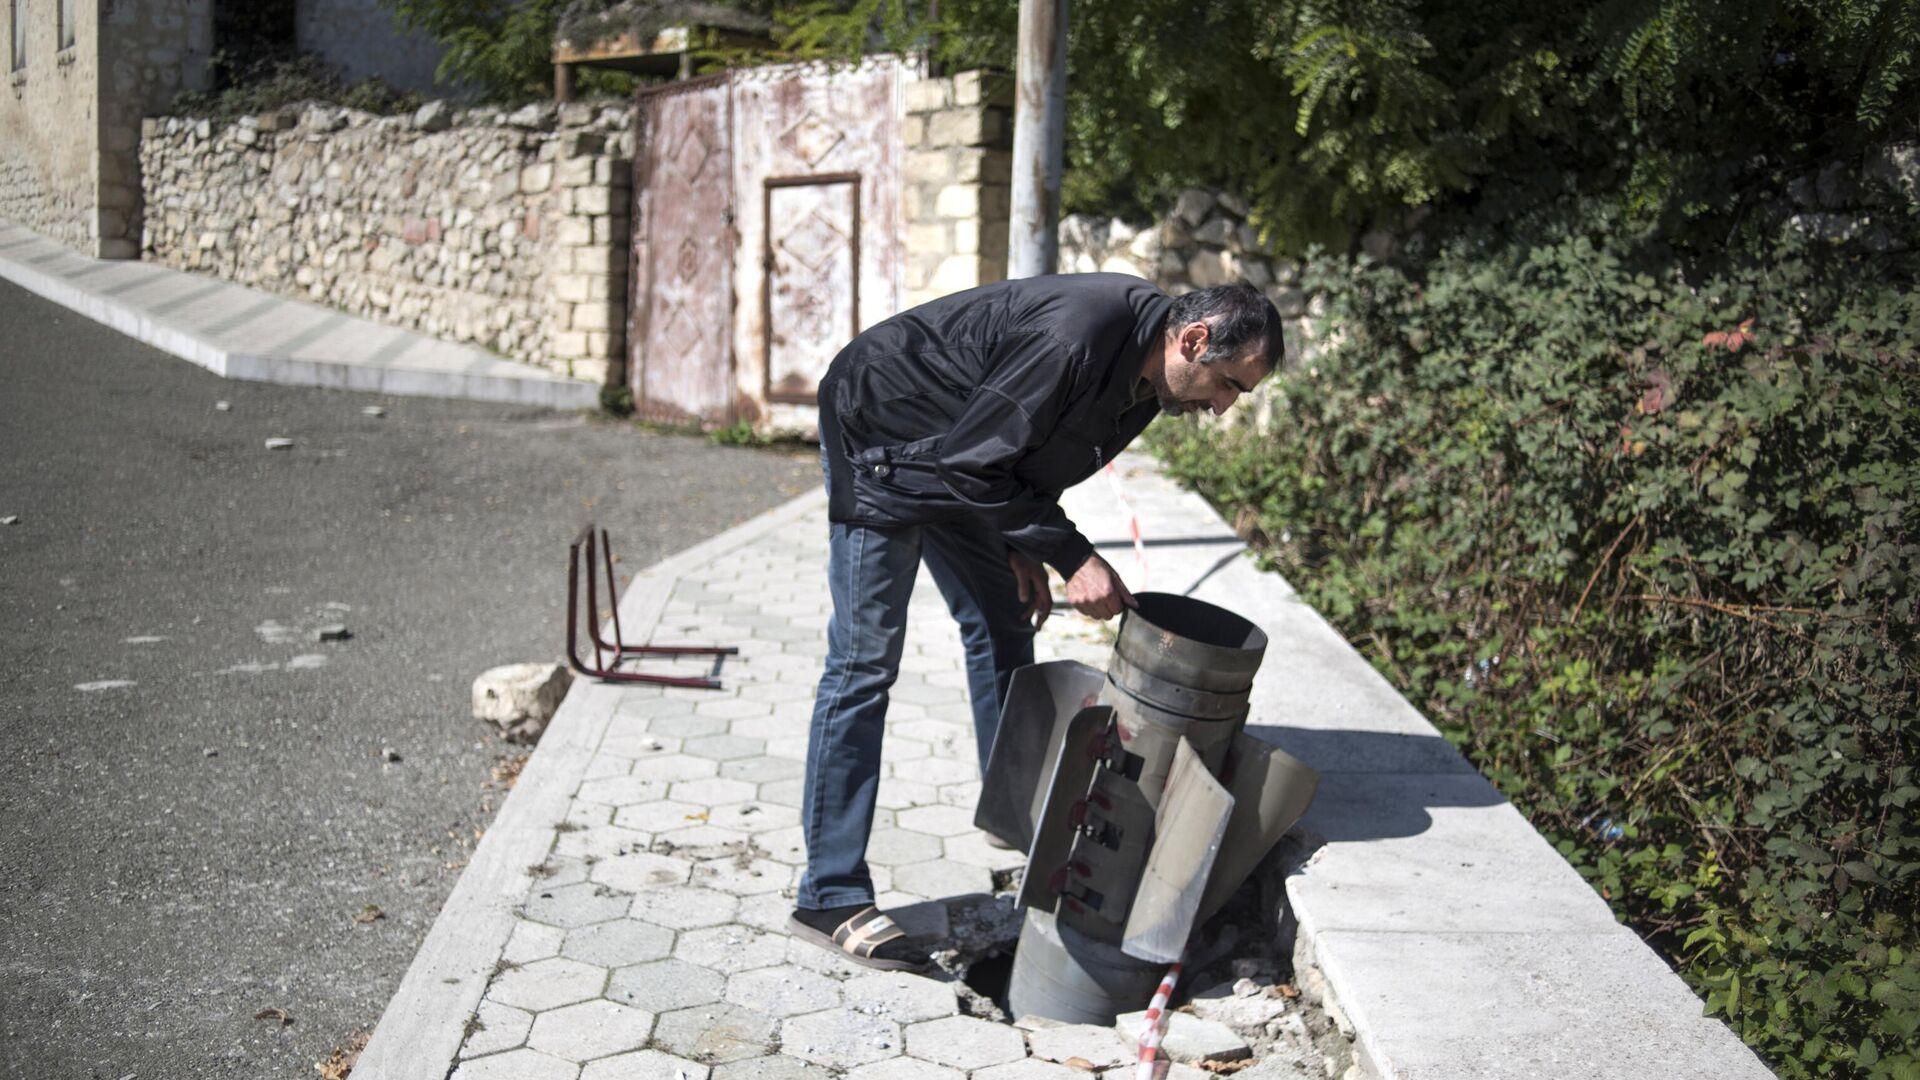 Местный житель у не разорвавшегося снаряда на улице города Мартуни - РИА Новости, 1920, 16.10.2020